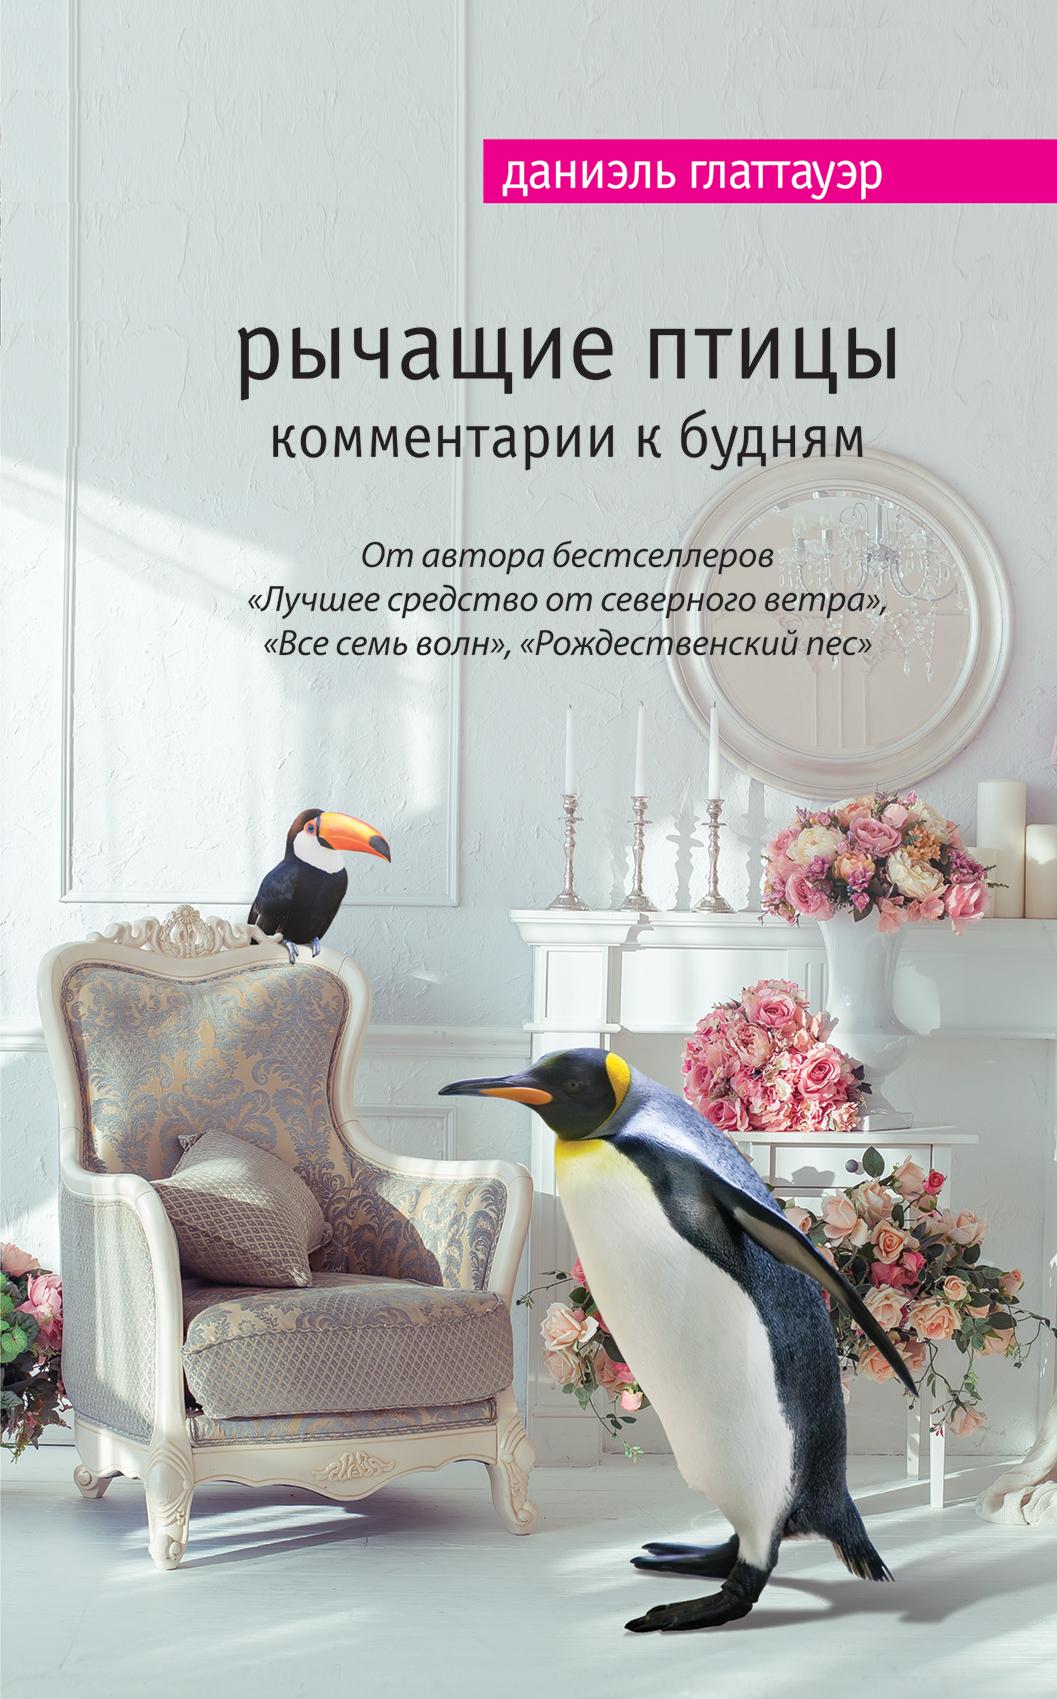 Фото Даниэль Глаттауэр Рычащие птицы. Комментарии к будням. Купить  в РФ